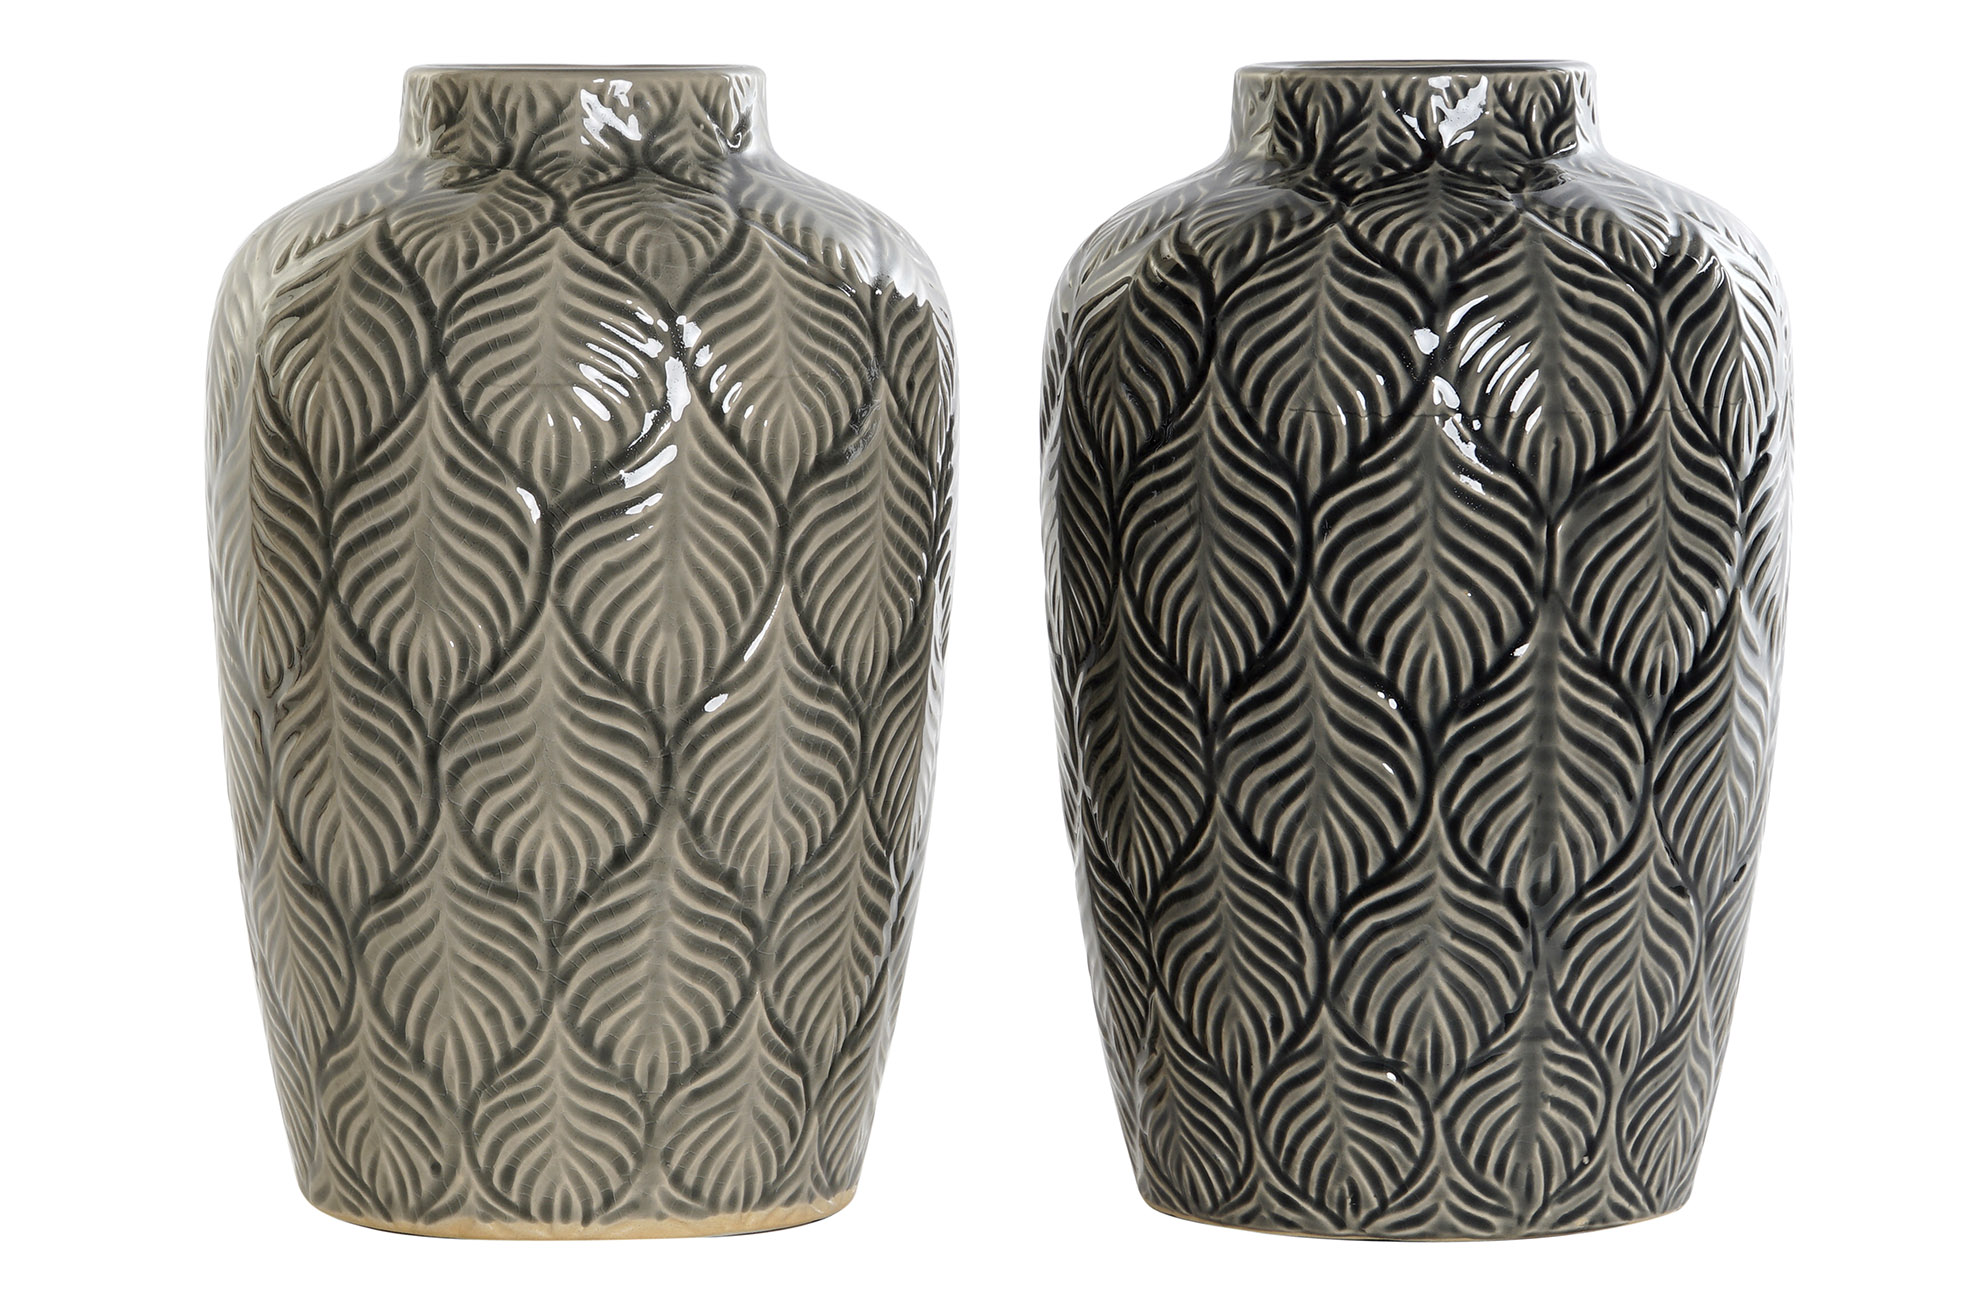 Vase i keramik med bladmønster